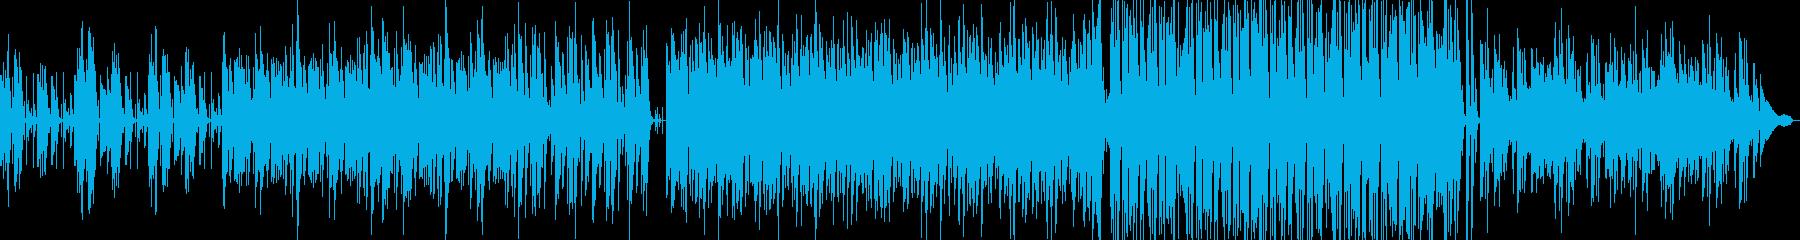 【木のぬくもり】のんびりハッピーの再生済みの波形